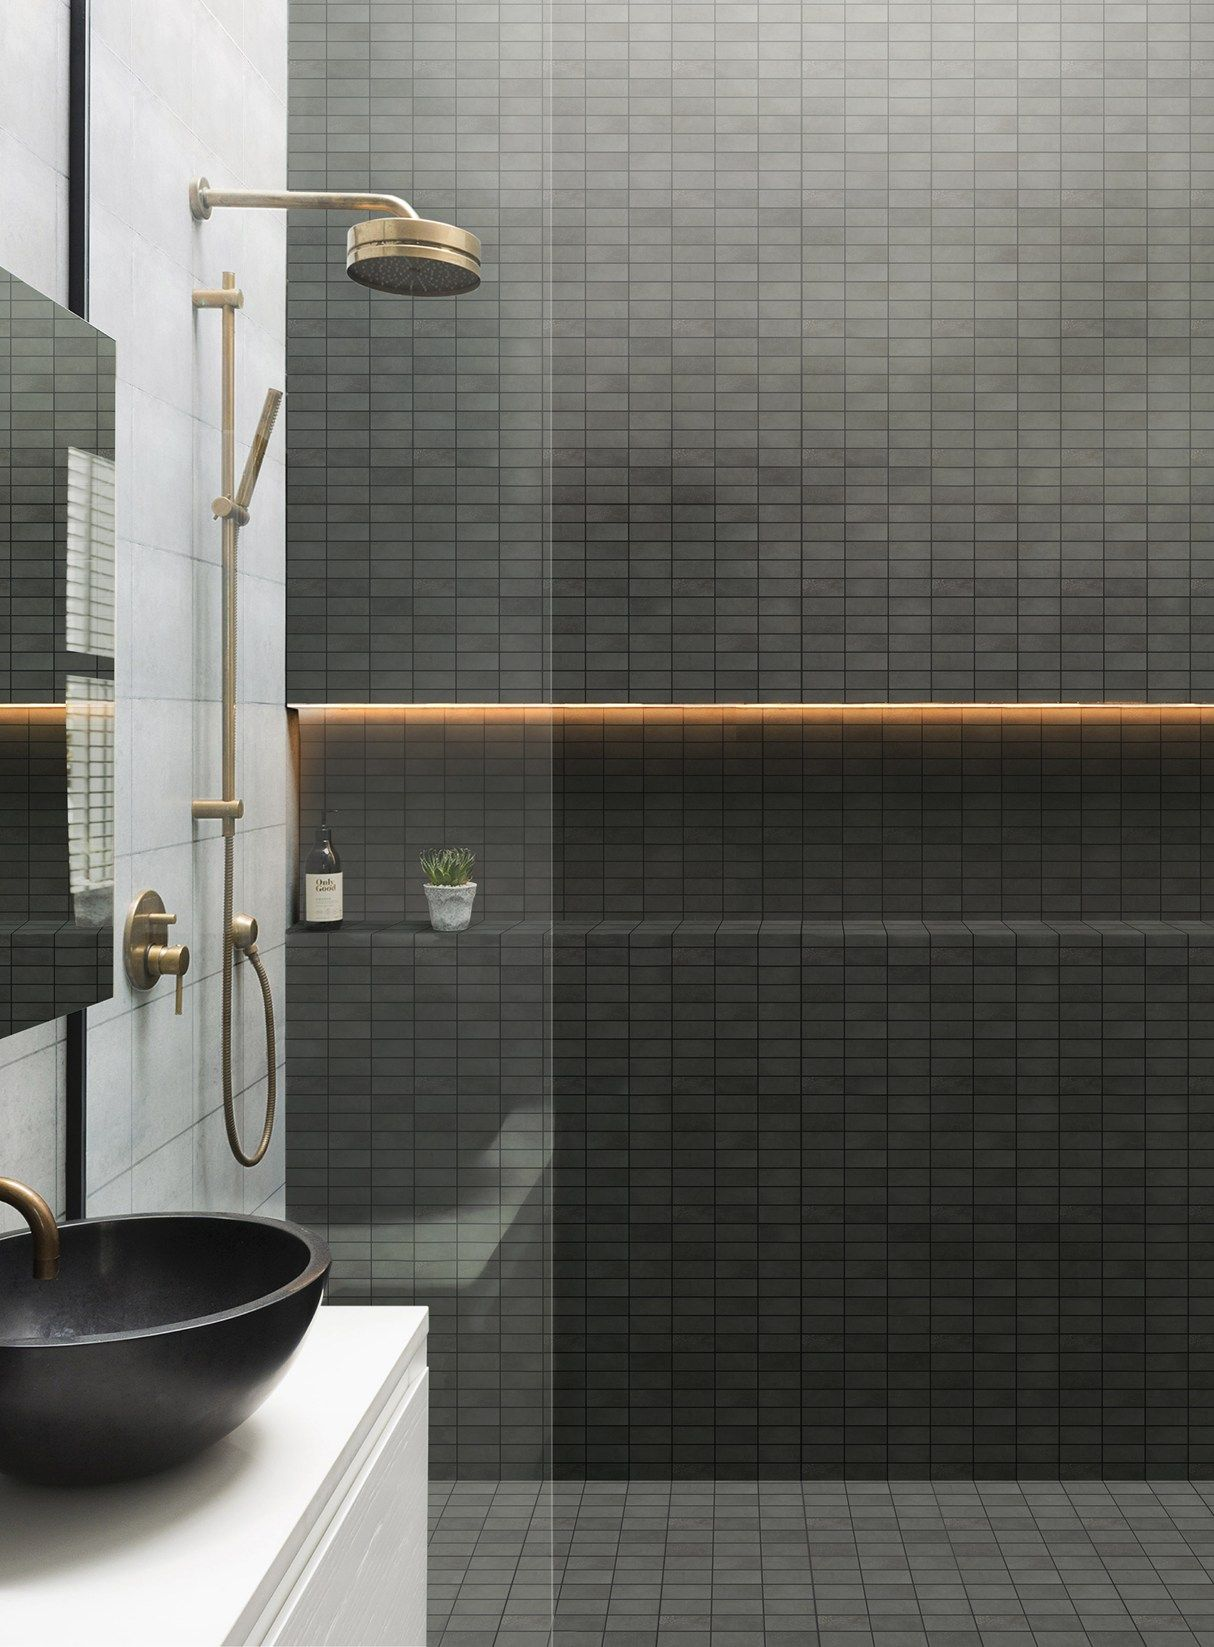 Ceramica Del Conca | Bath + Shower in 2019 | Bathroom interior ...